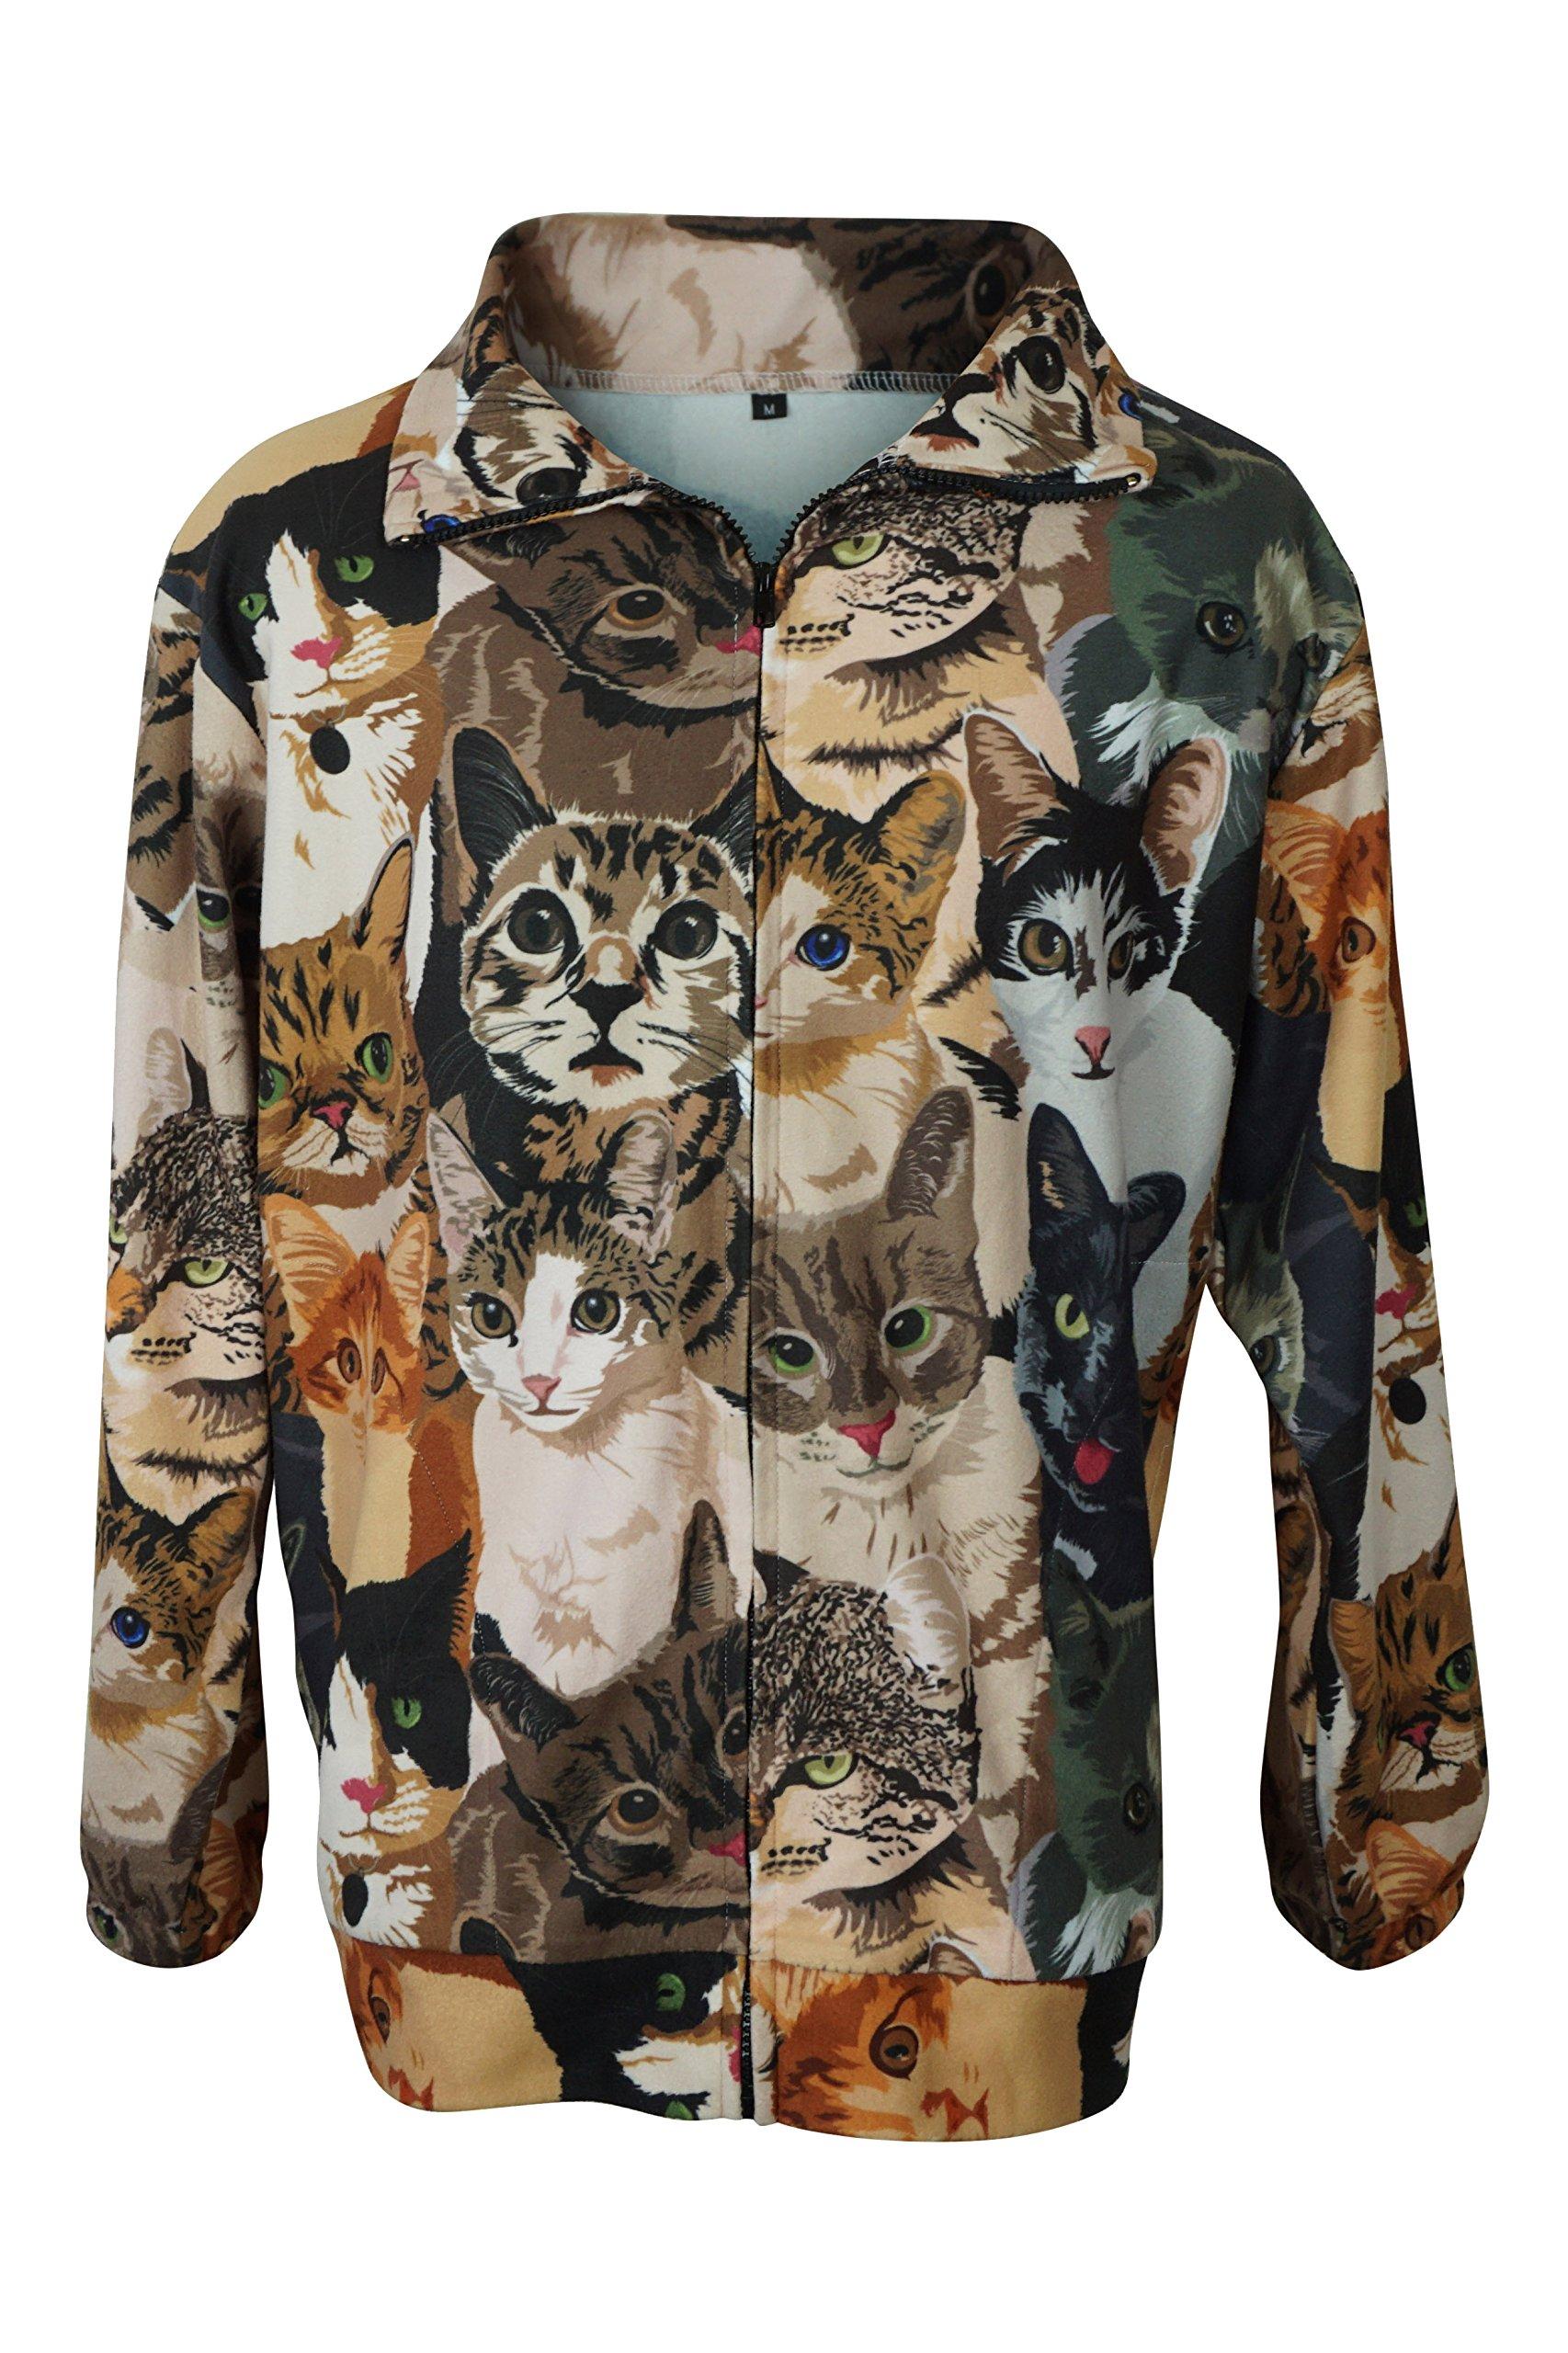 Fierce Fleece Feline Edition Unisex Lightweight Fleece Jacket Small by Fierce Fleece